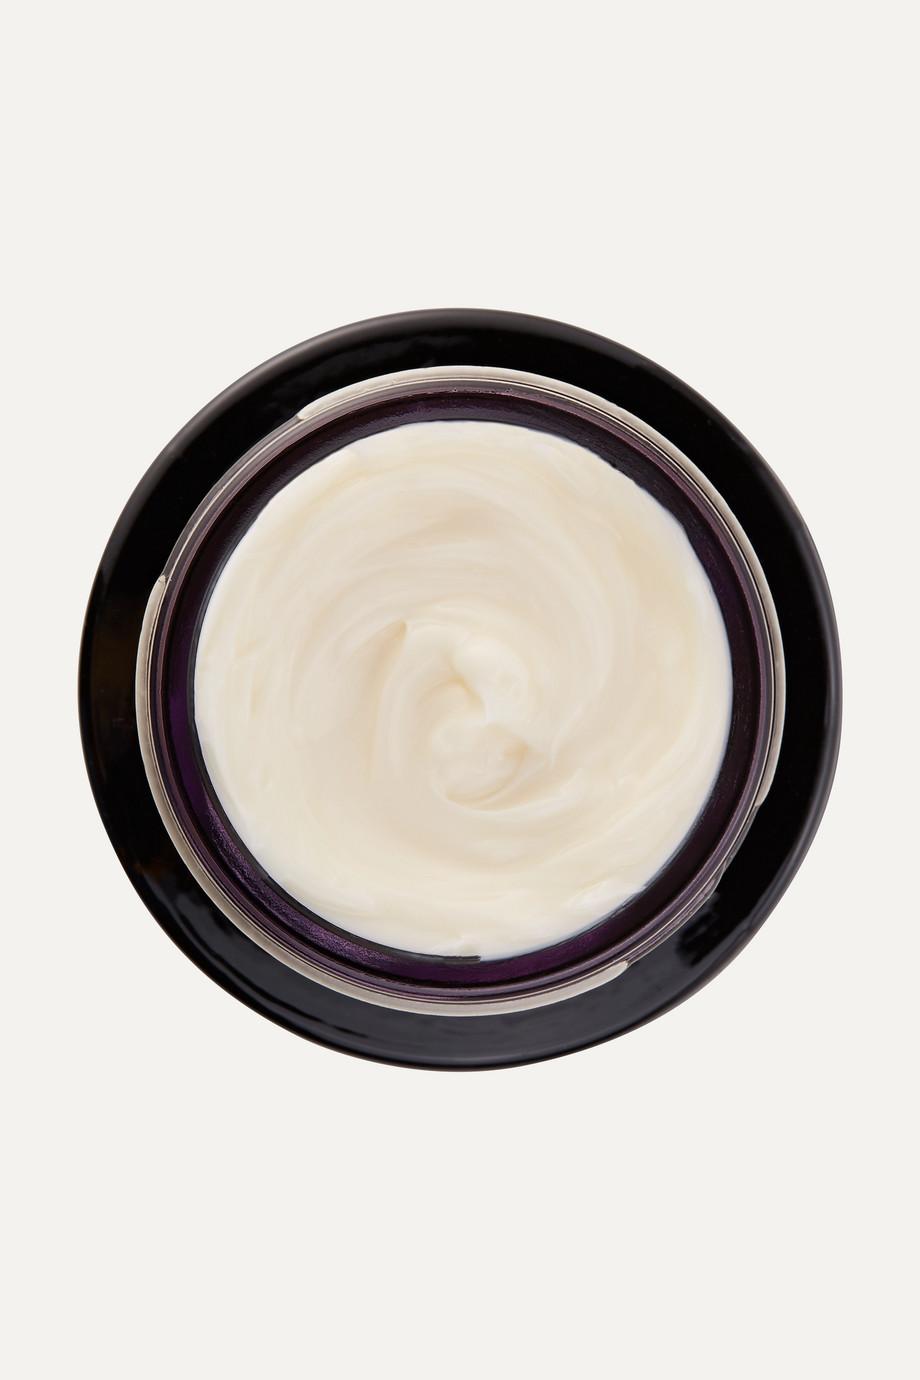 Clé de Peau Beauté Synactif Cream, 40 ml